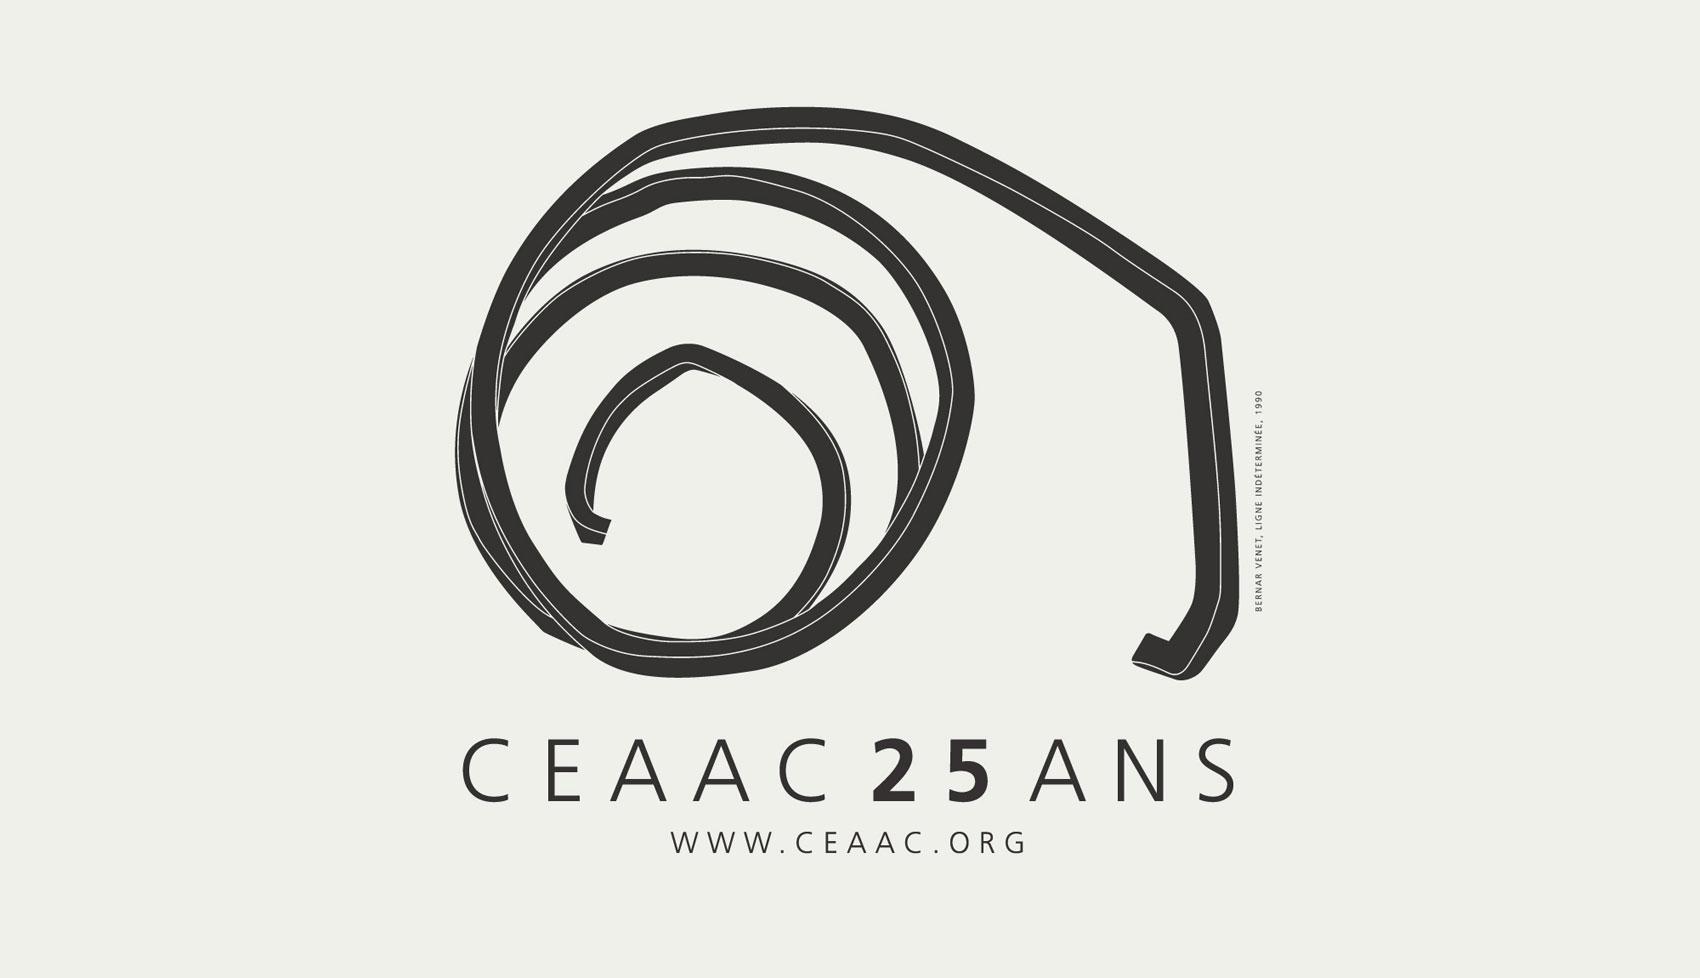 25-ans-ceaac-5